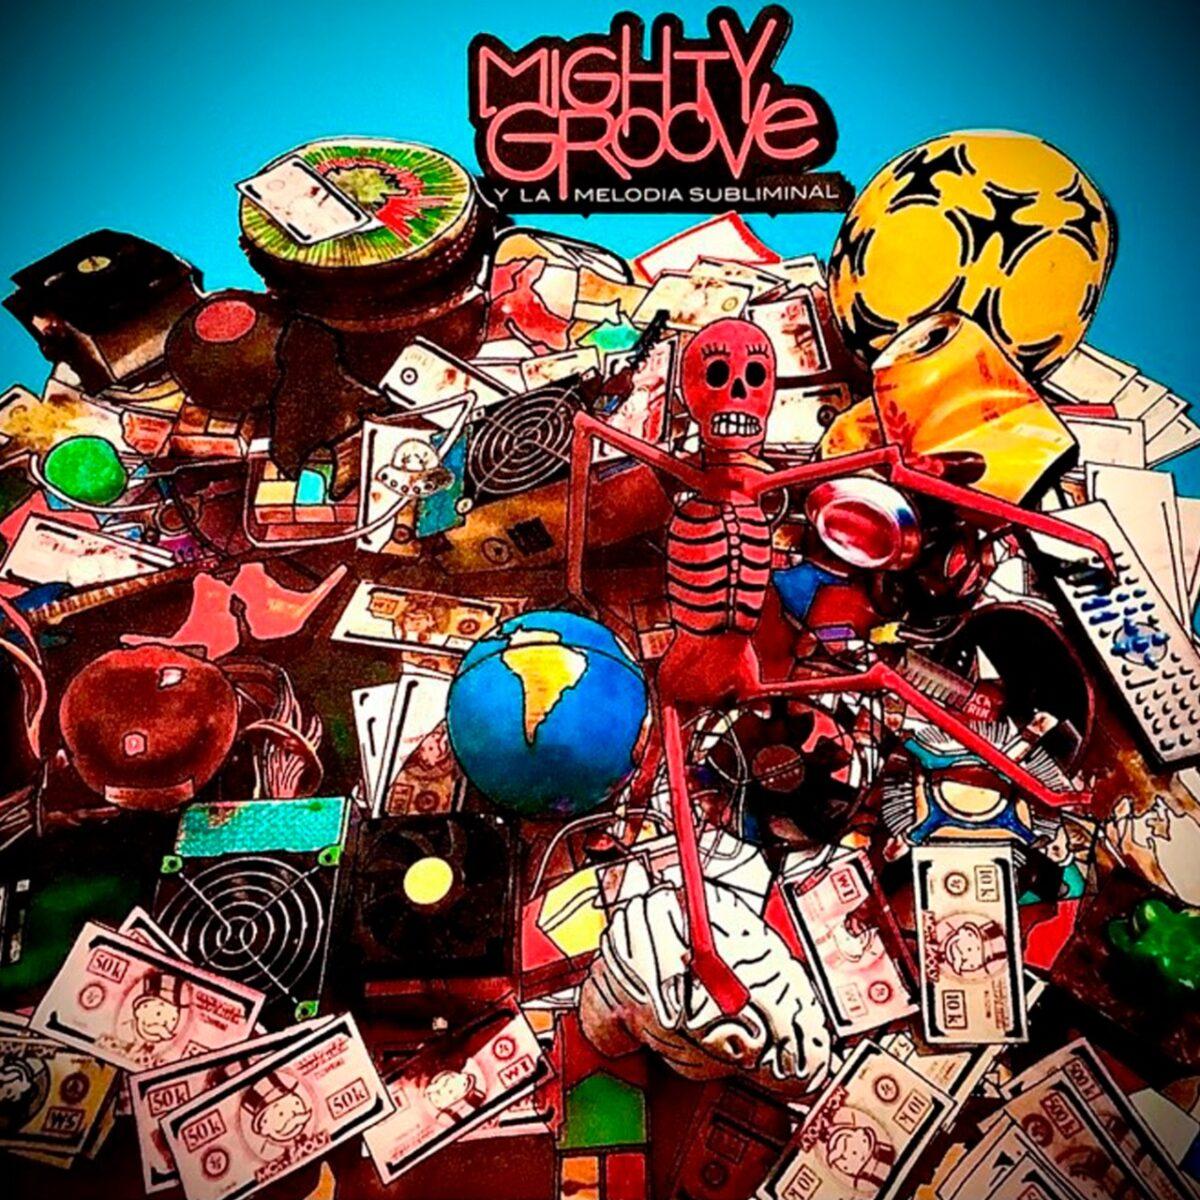 mighty groove y la melodia subliminal lanza el mundo mighty groove y la melodia subliminal 1